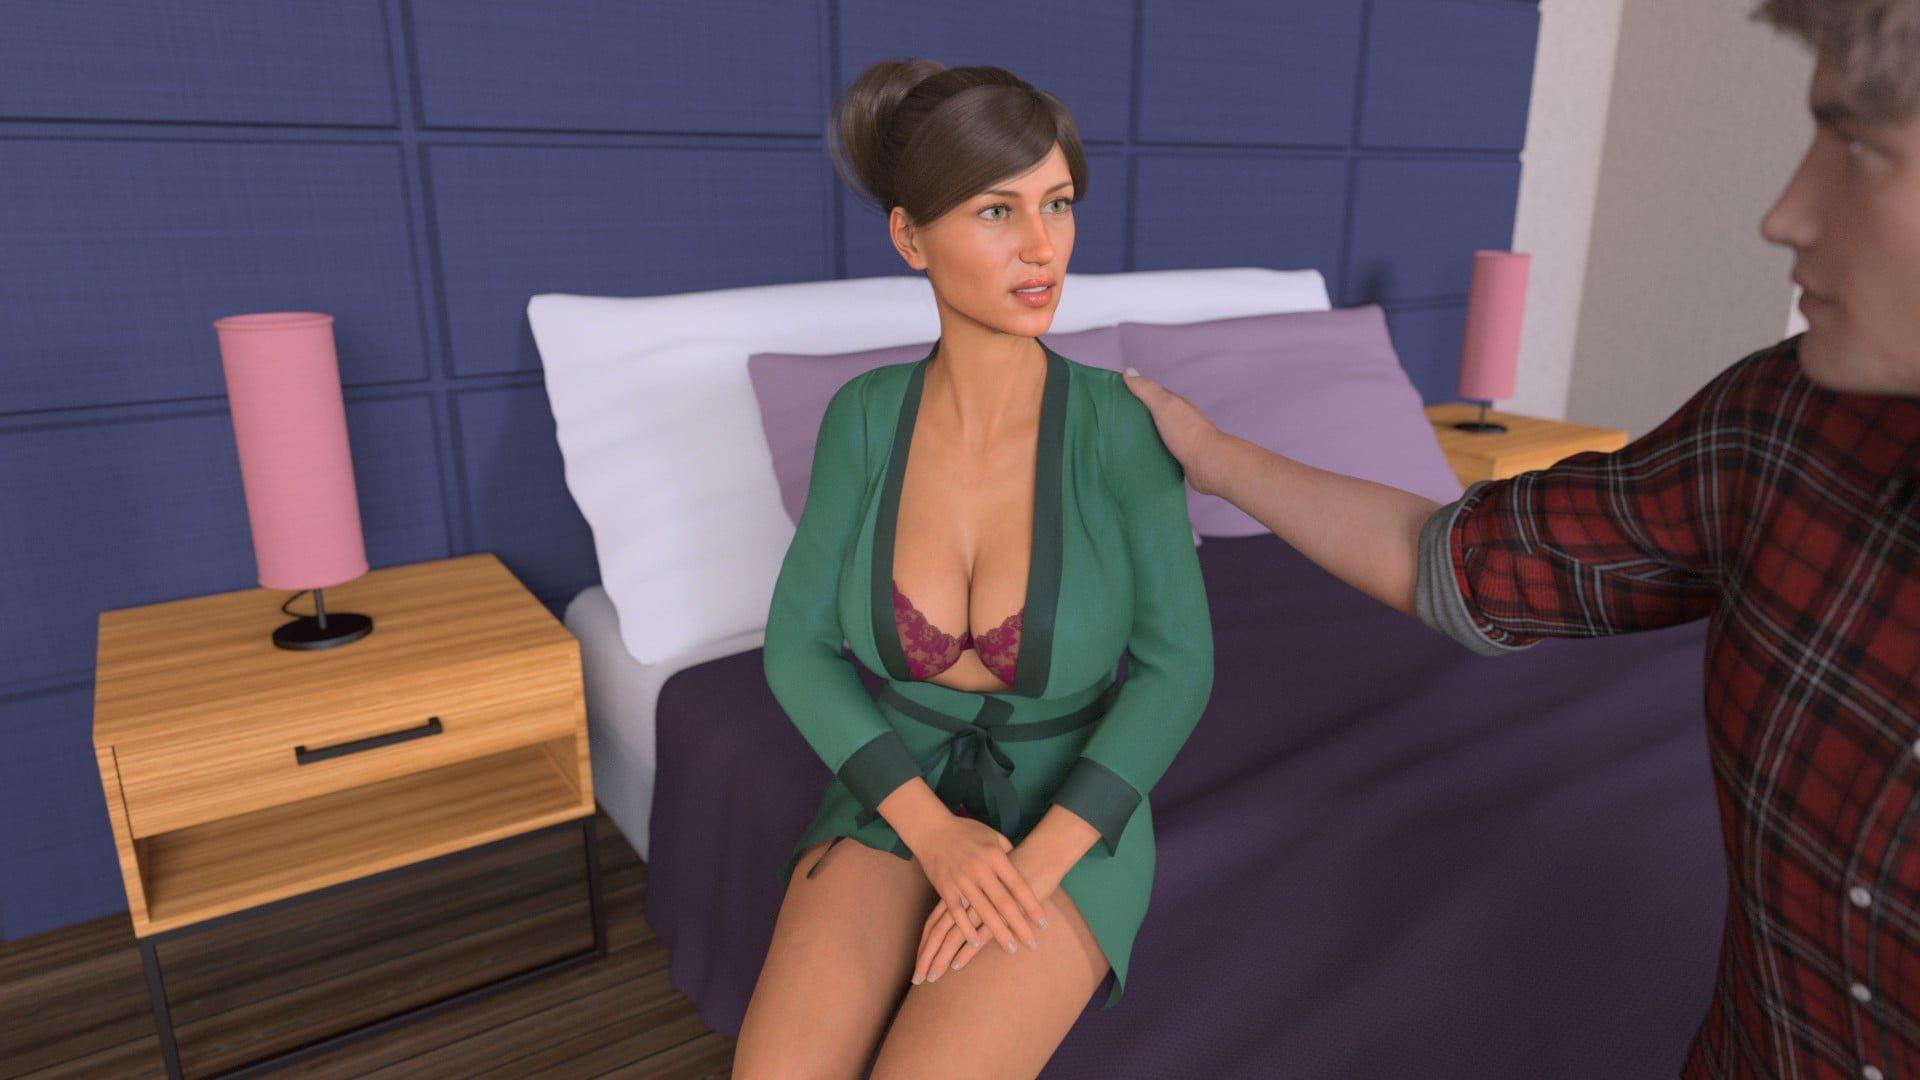 Incest 3d Games